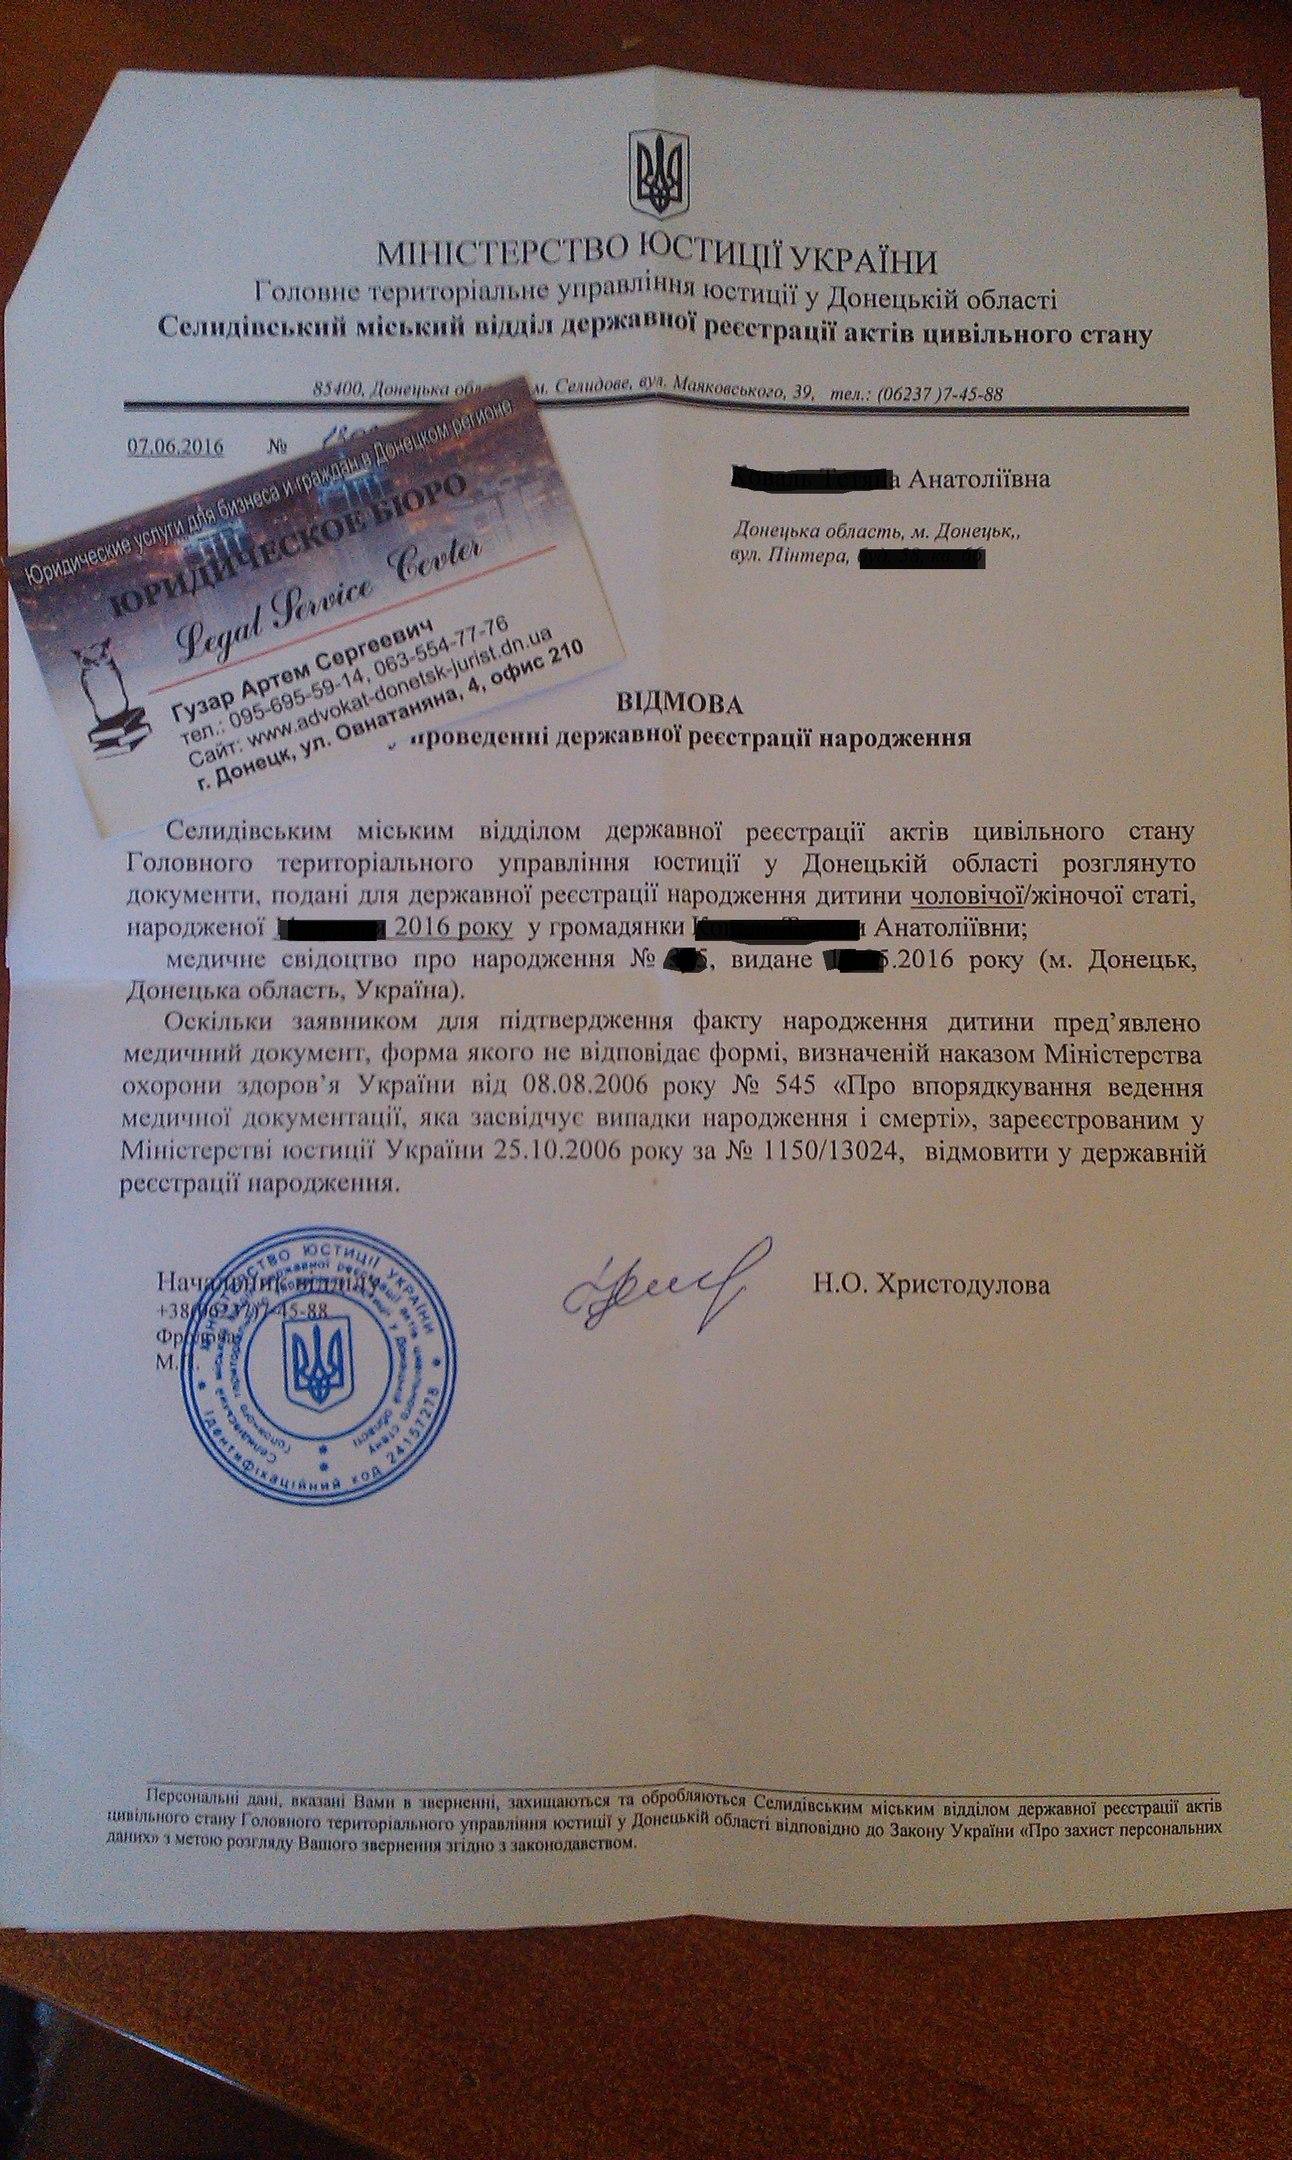 Авария в Симферополе, 2 человека погибло: http://novostiecob.unicorn-studio.ru/novosti/novosti-simferopolya-proisshestviya-segodnya-kriminal.html